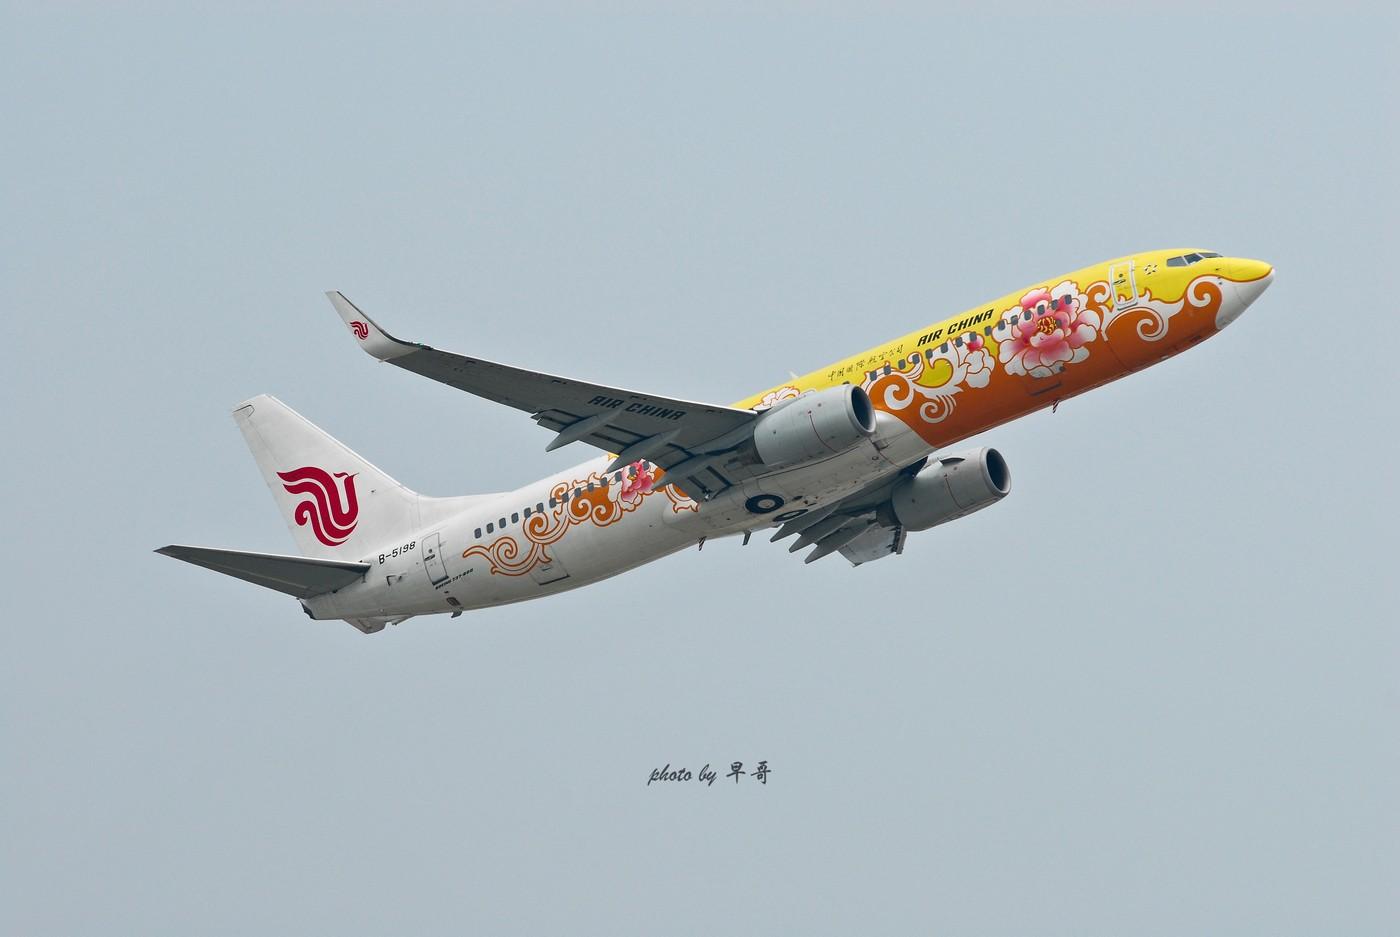 [原创]【CKG打机队】用20跑道的日子,只能拍拍起飞咯! BOEING 737-800 B-5198 中国重庆江北机场